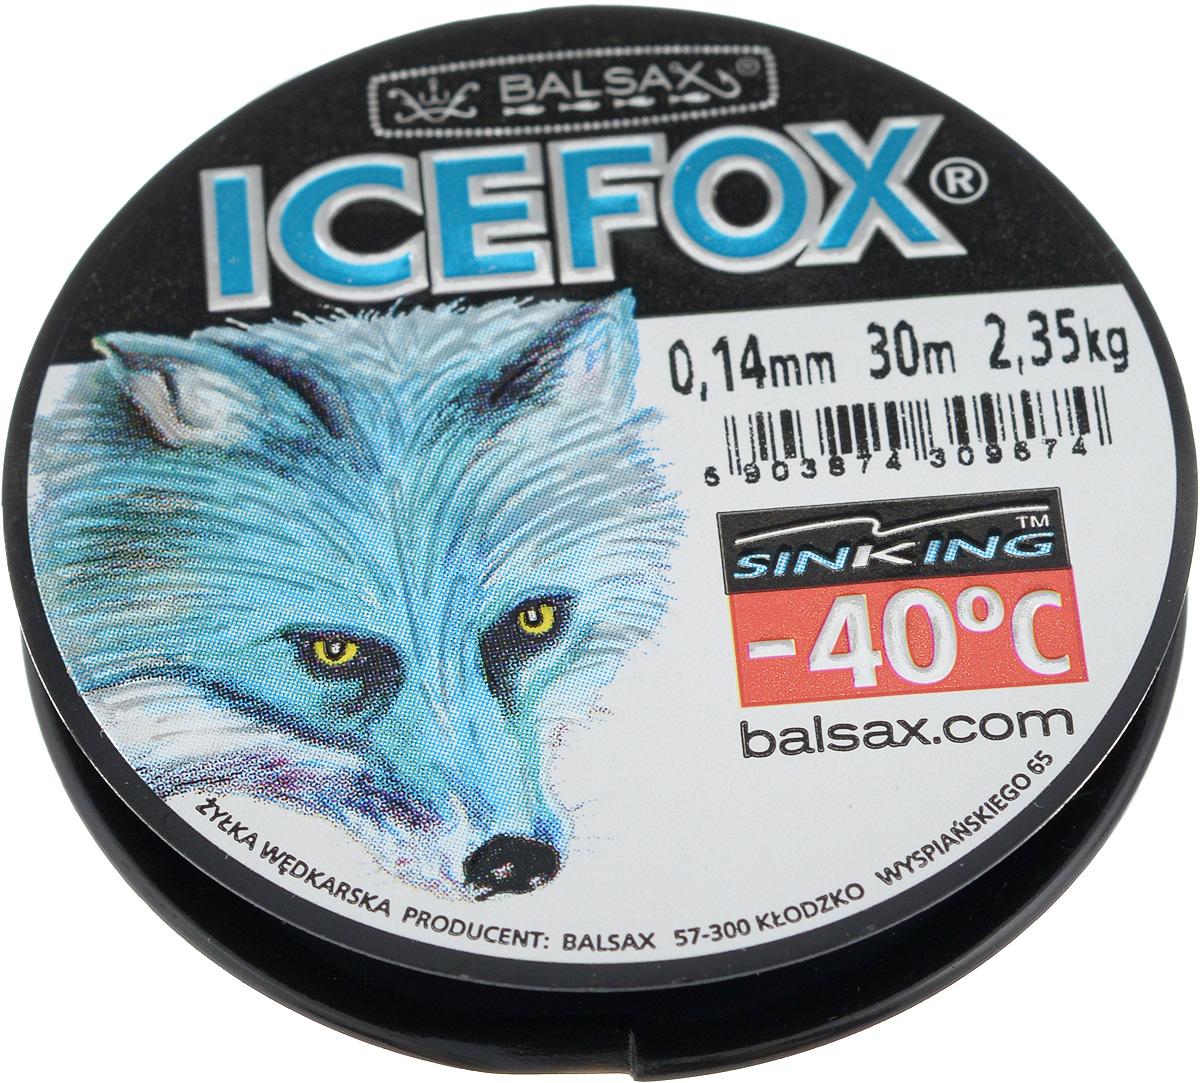 Леска зимняя Balsax Ice Fox,30 м, 0,14 мм, 2,35 кг304-10025Леска Balsax Ice Fox изготовлена из 100% нейлона и очень хорошо выдерживает низкие температуры. Даже в самом холодном климате, при температуре вплоть до -40°C, она сохраняет свои свойства практически без изменений, в то время как традиционные лески становятся менее эластичными и теряют прочность.Поверхность лески обработана таким образом, что она не обмерзает и отлично подходит для подледного лова. Прочна в местах вязки узлов даже при минимальном диаметре.